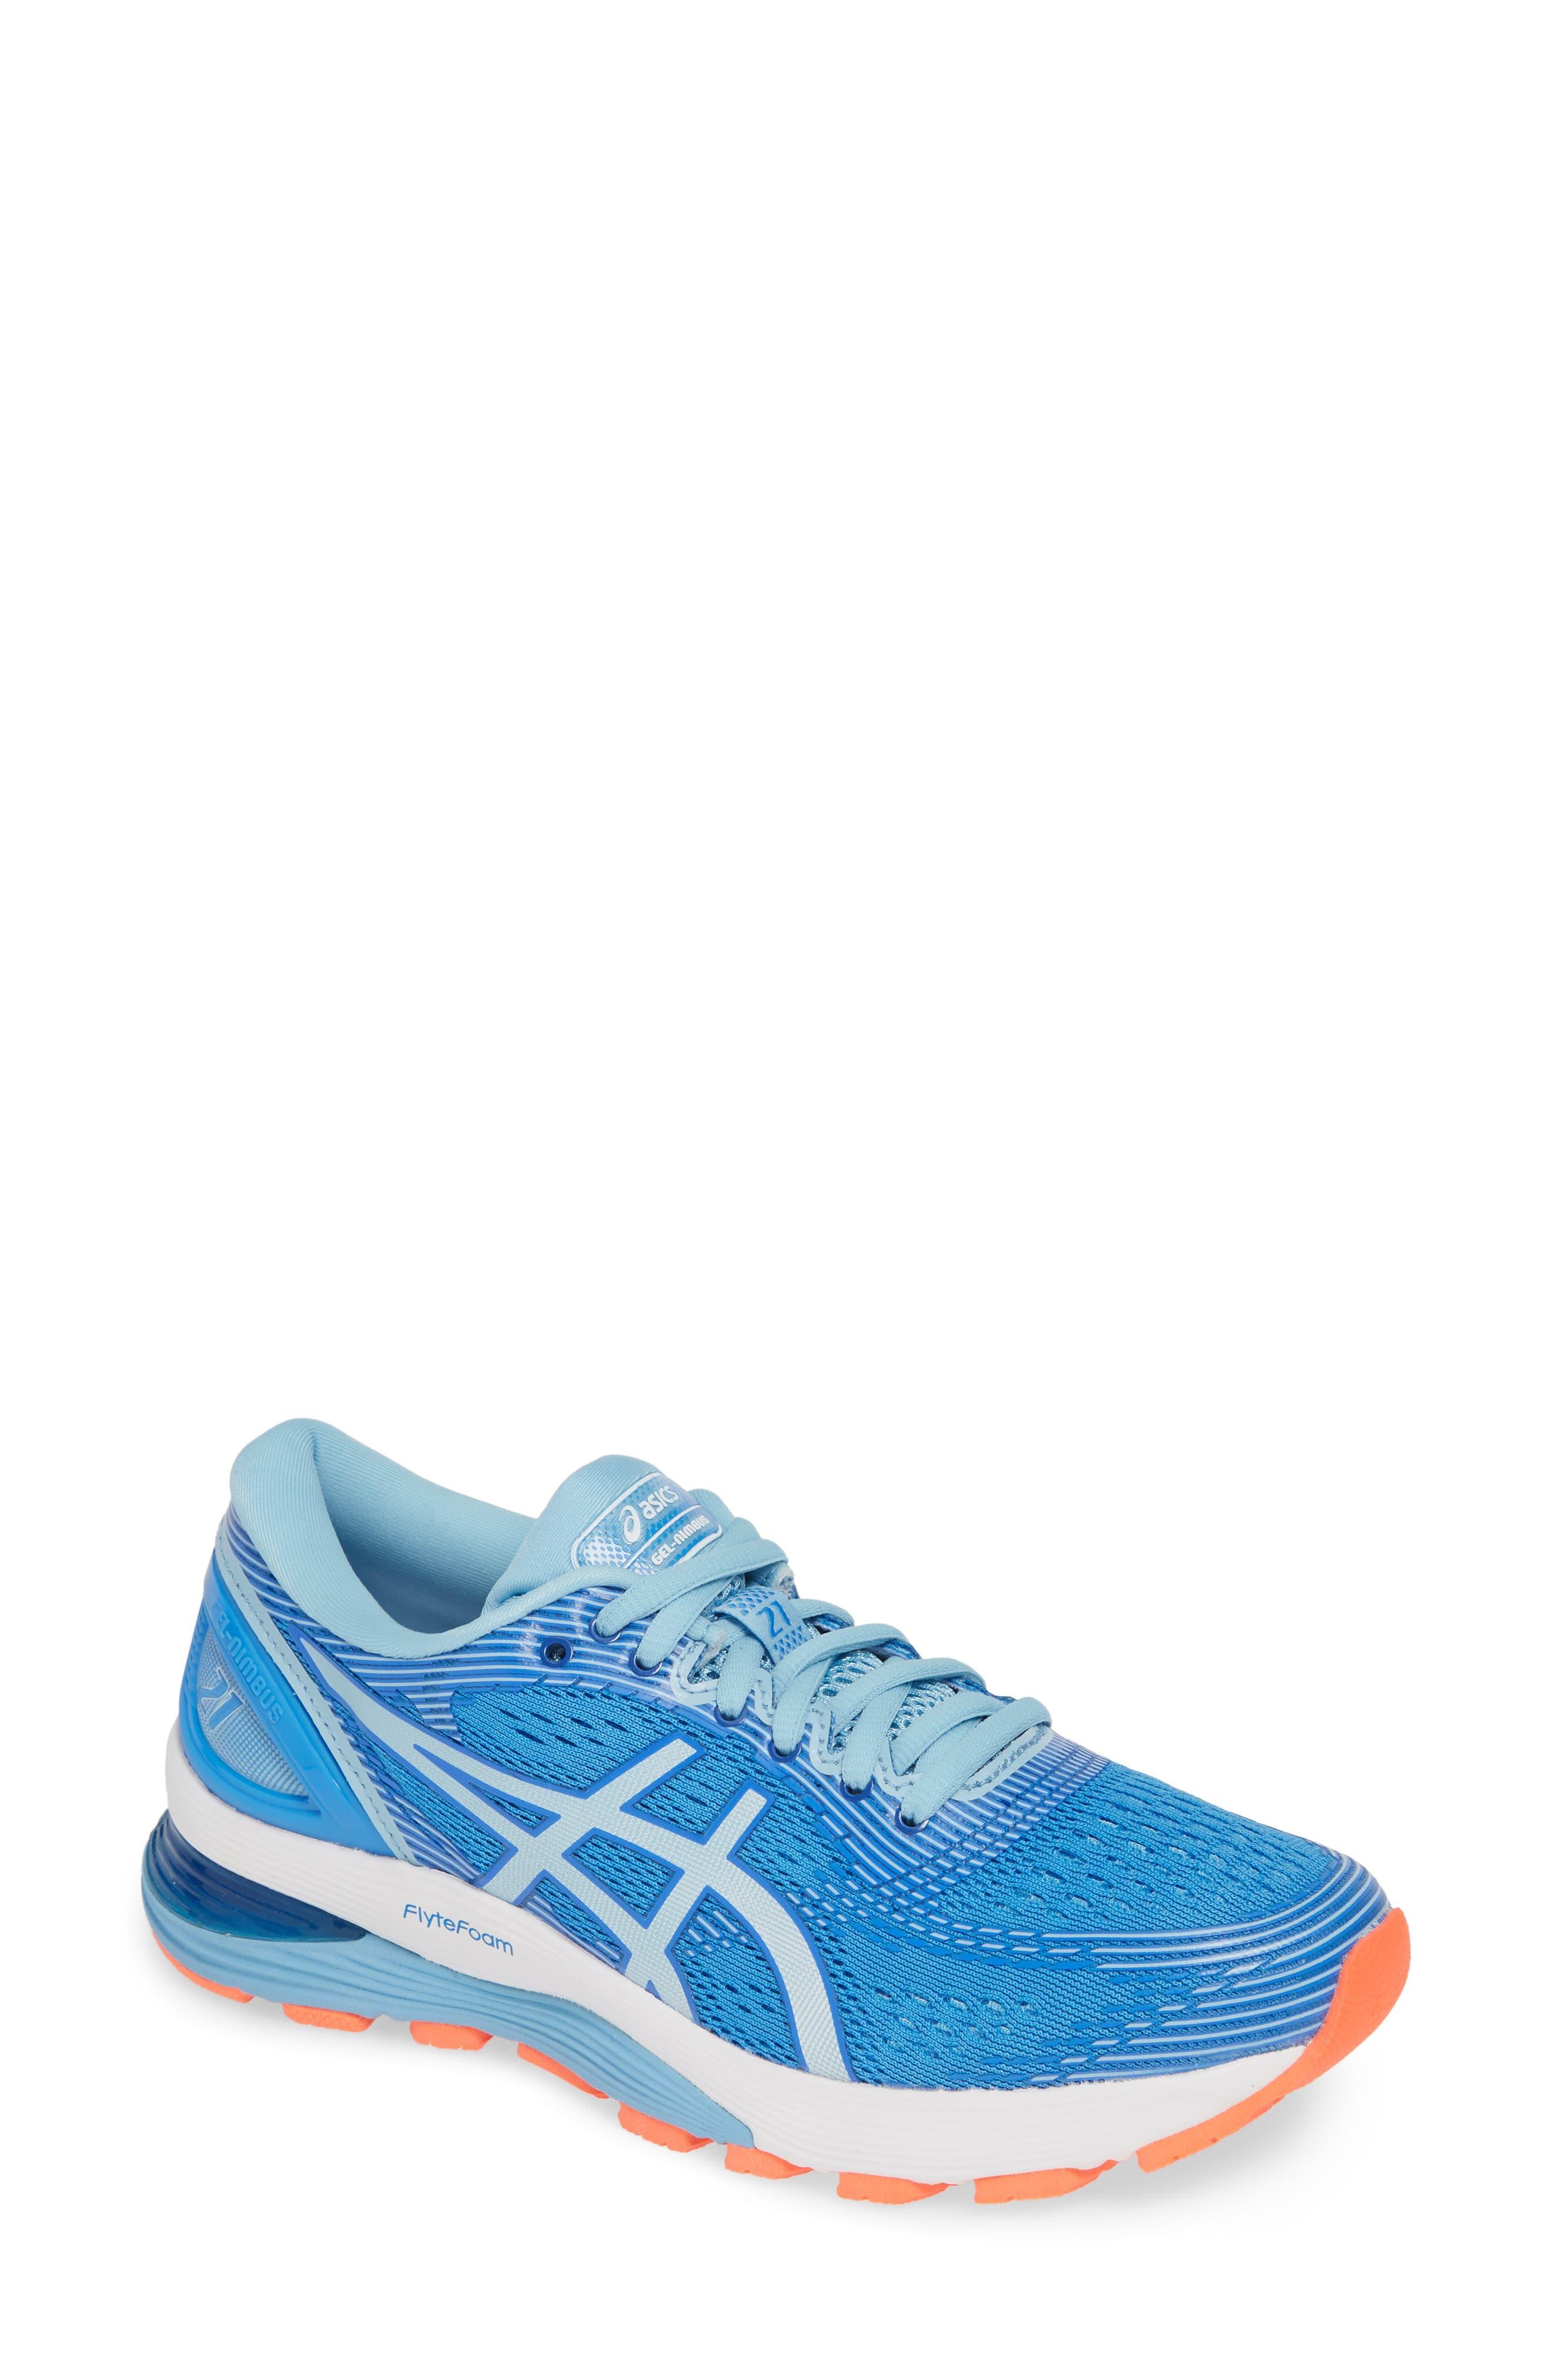 Asics Gel-Nimbus 21 Running Shoe B - Blue